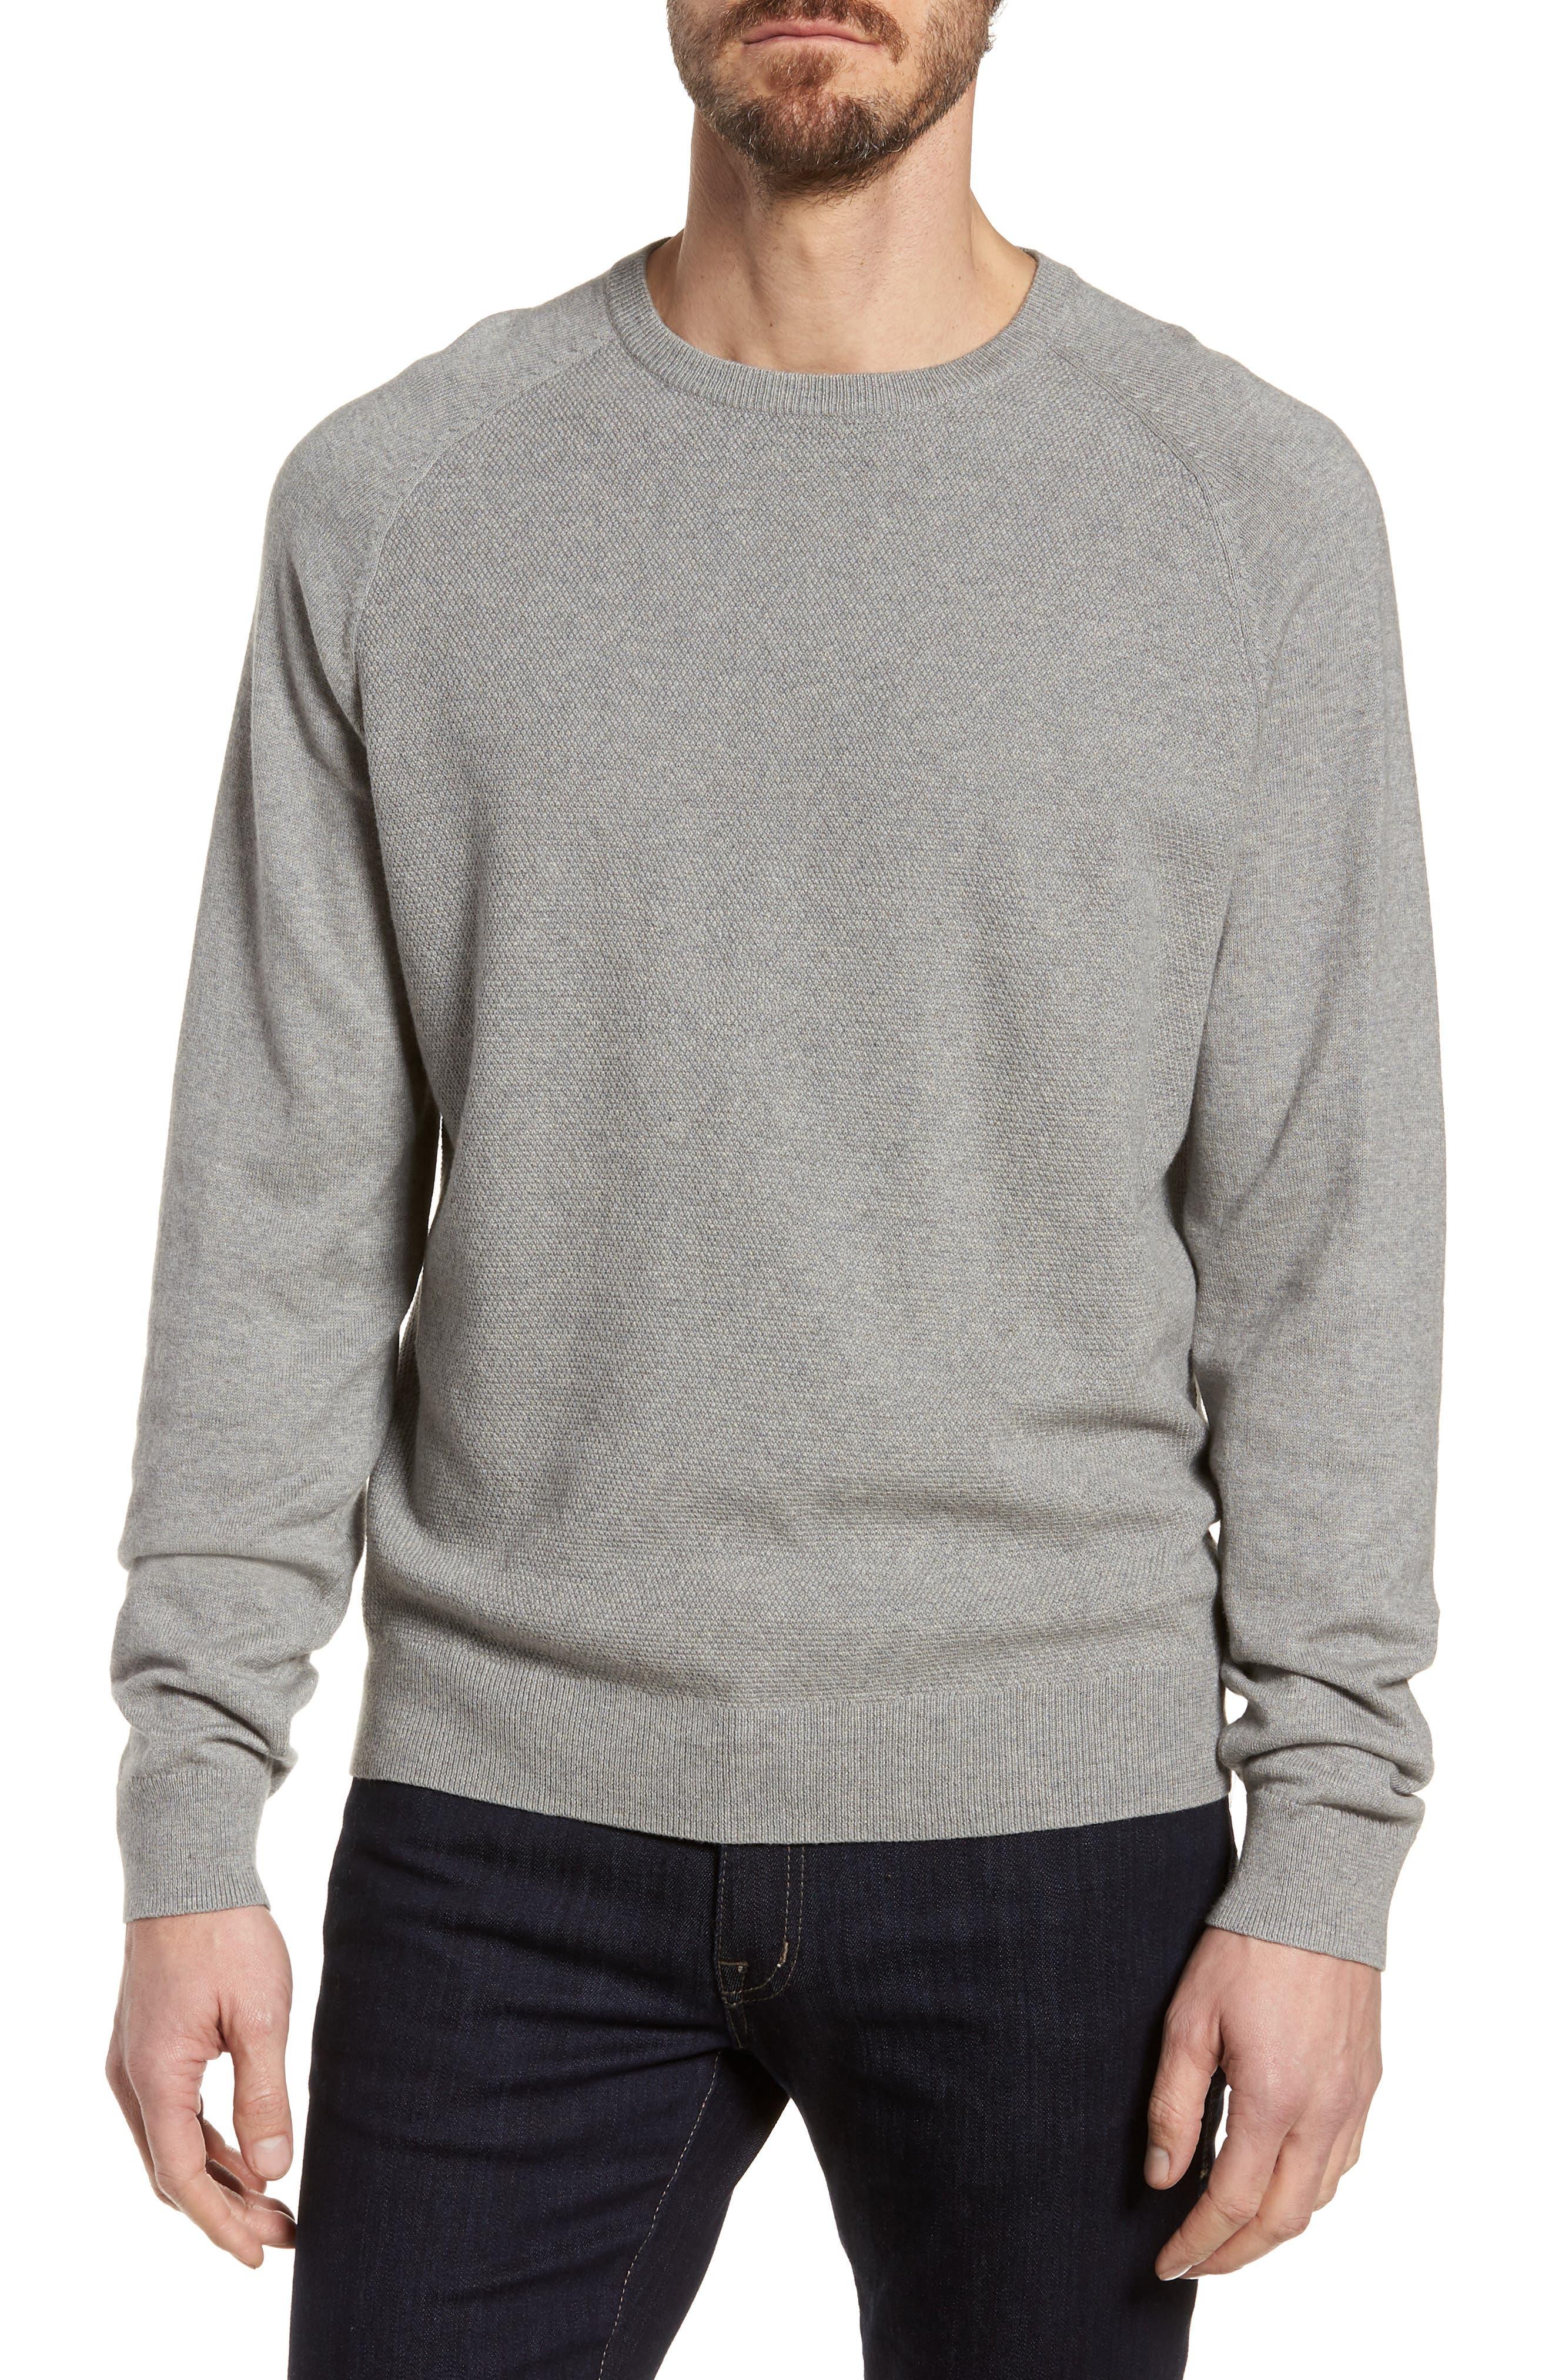 Crewneck Cotton & Cashmere Sweater,                             Main thumbnail 1, color,                             030